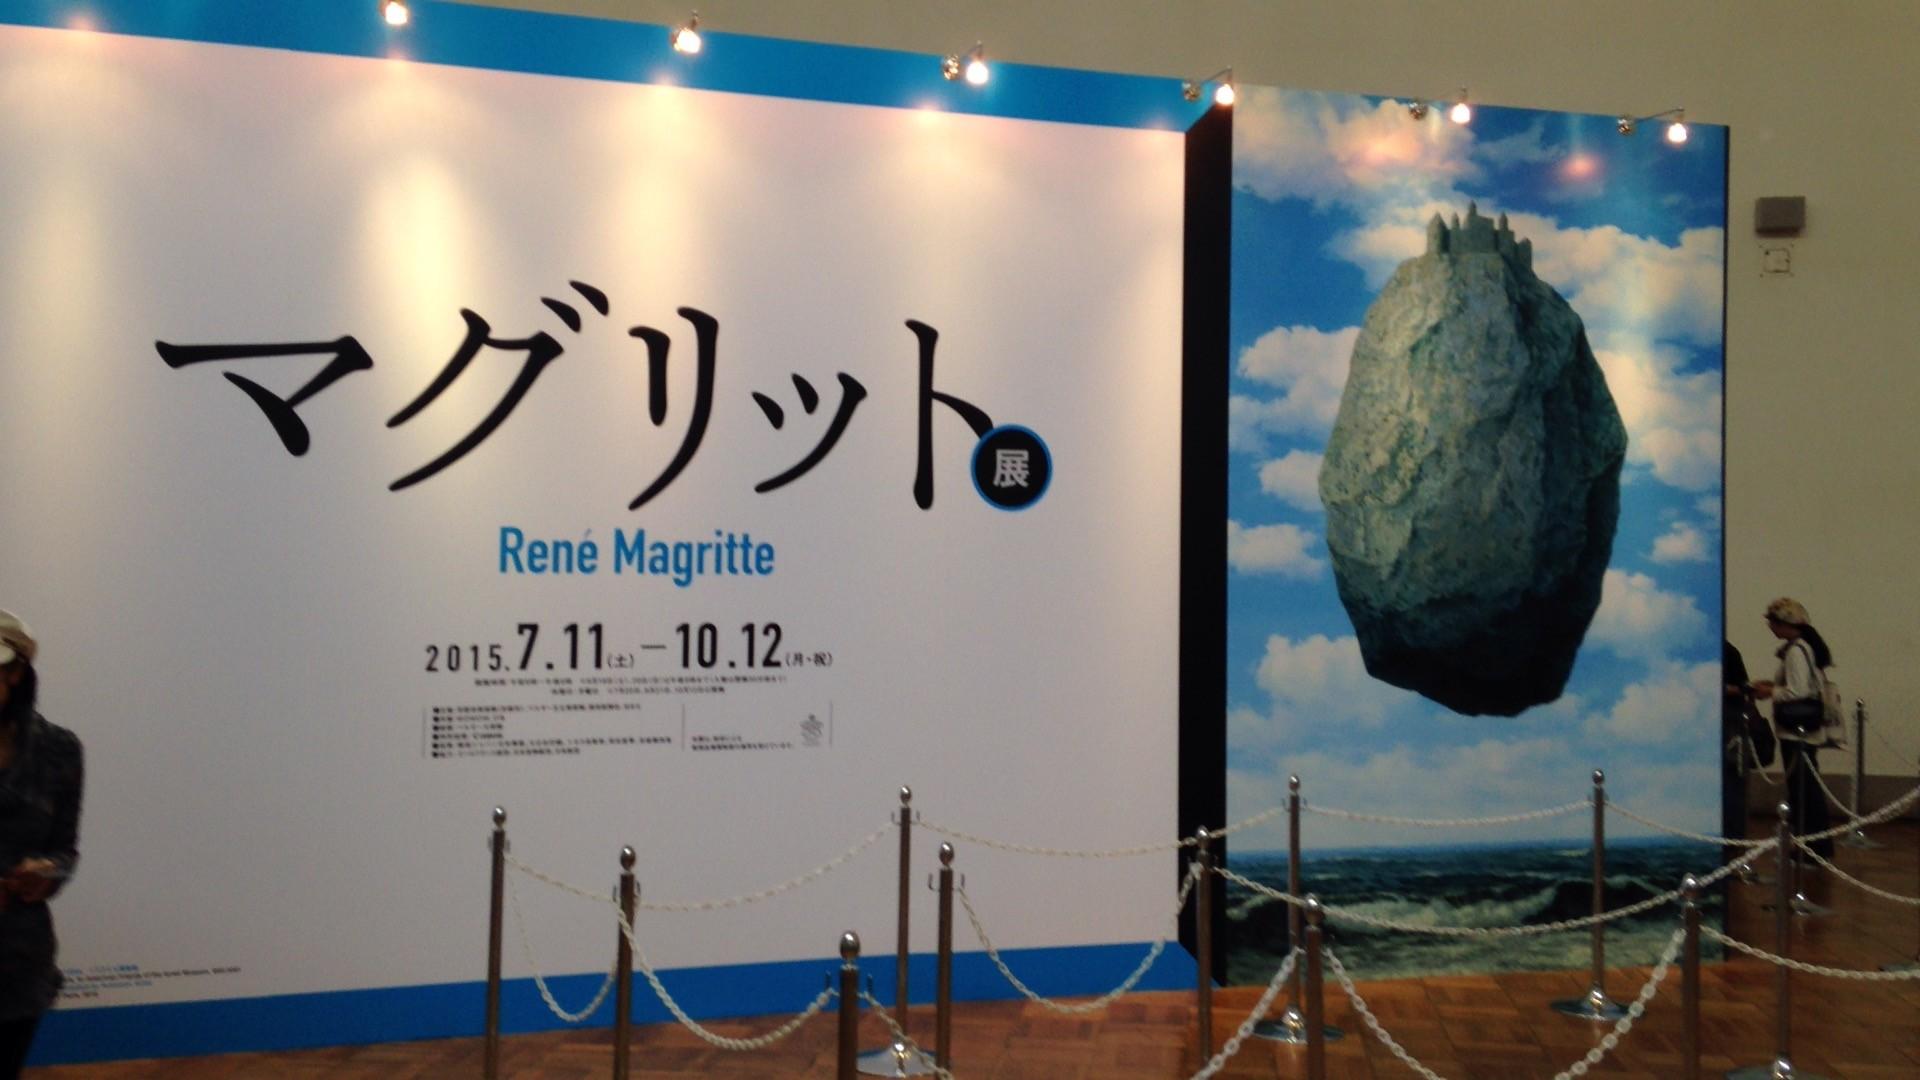 マグリット展京都に行ってきたよ!混雑状況と感想